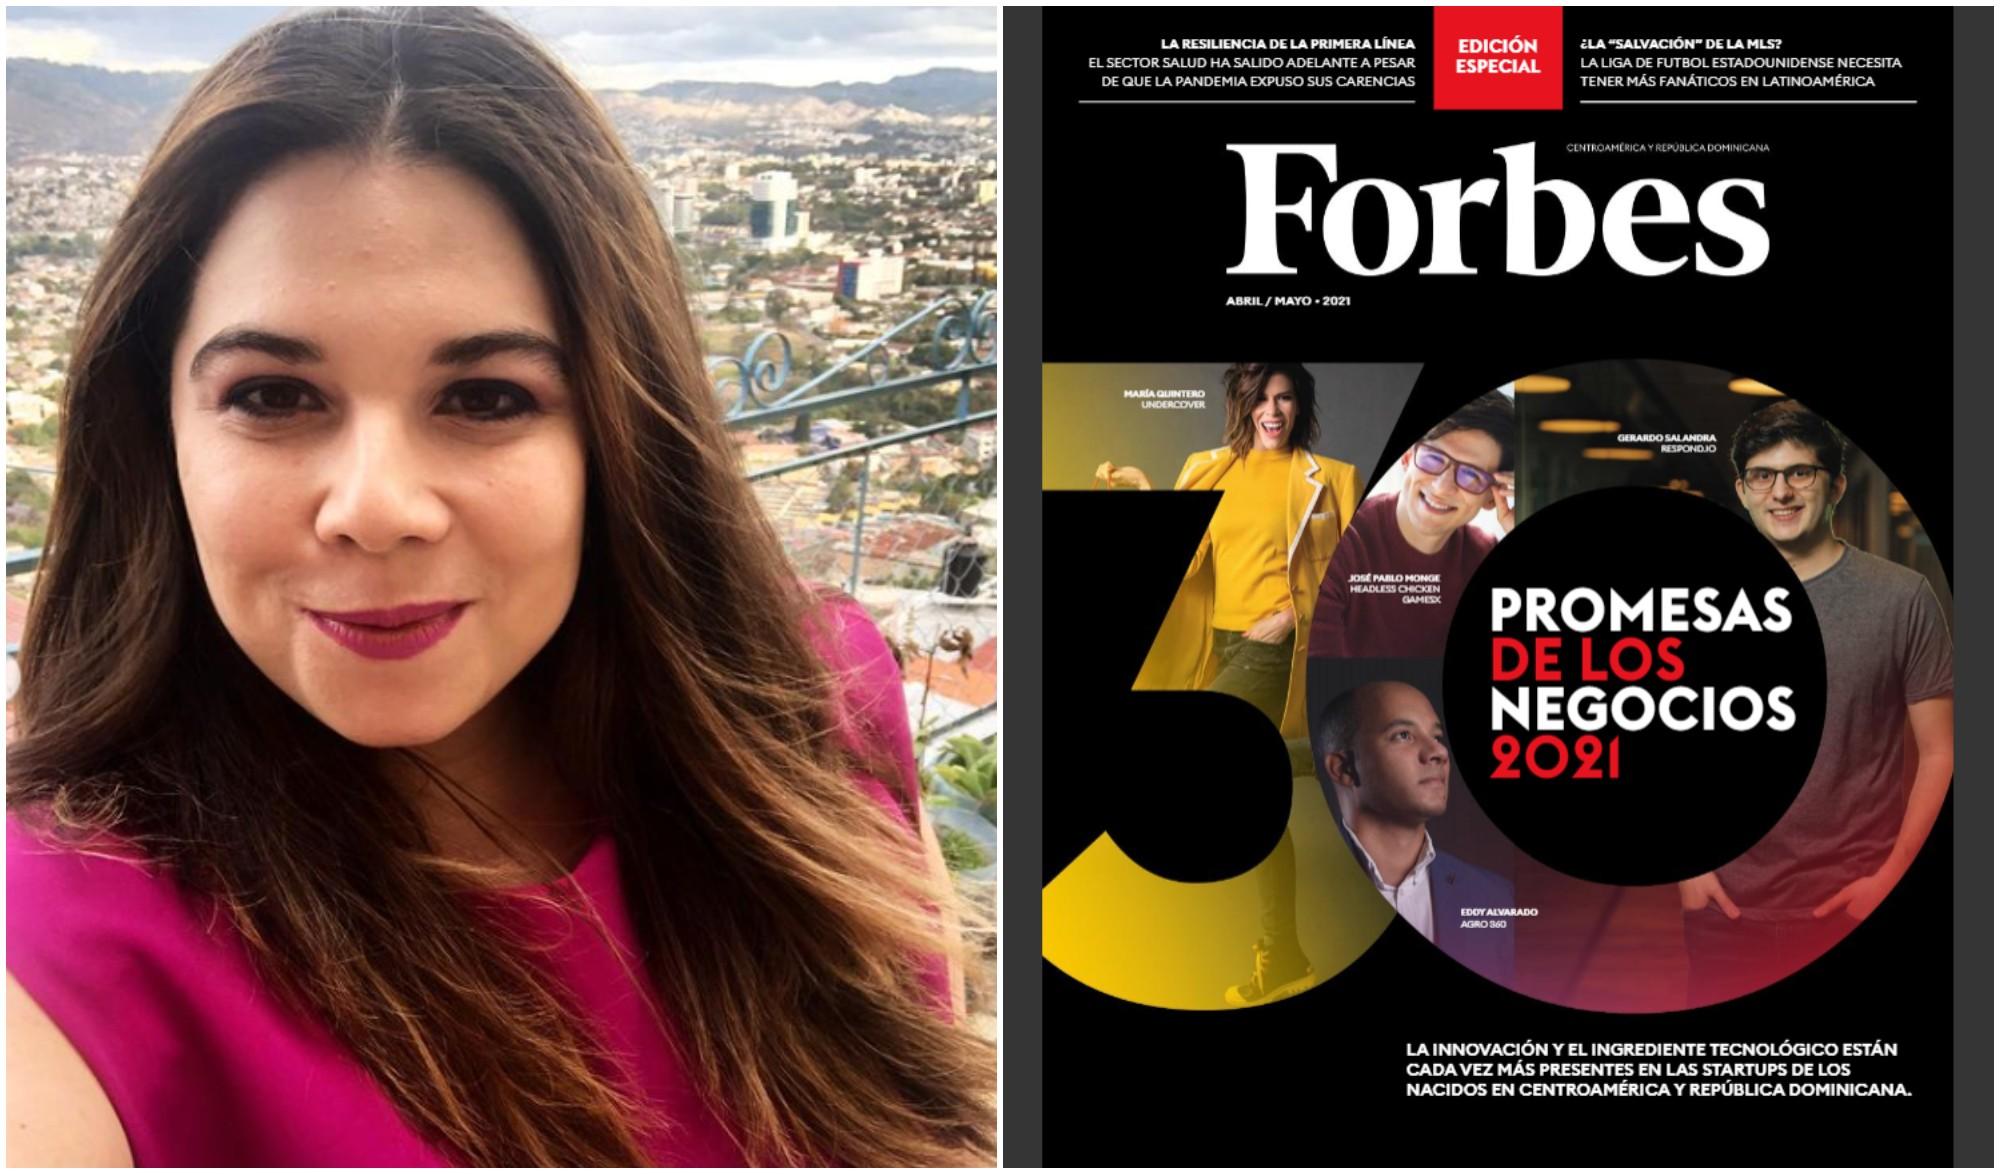 Forbes destaca a hondureña como «promesa de negocios 2021»